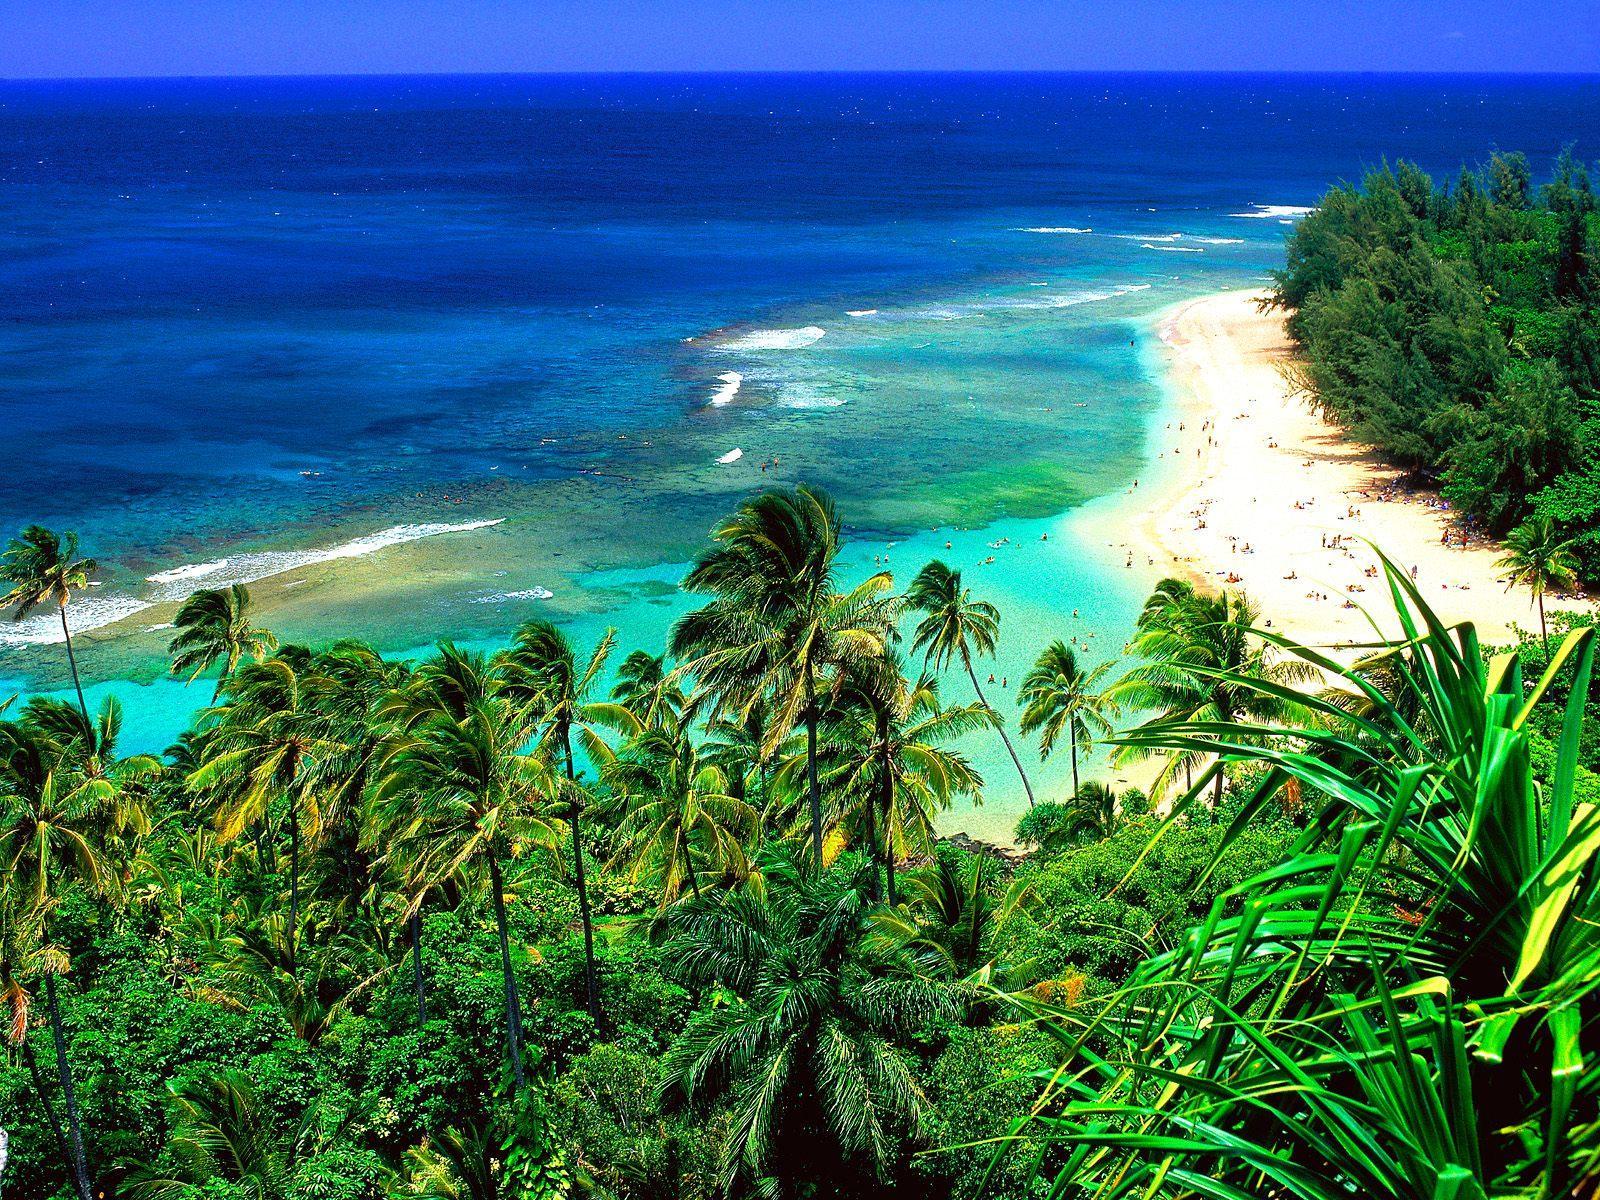 hawaii beach hd wallpapers hawaii beach pictures hawaii beach pictures